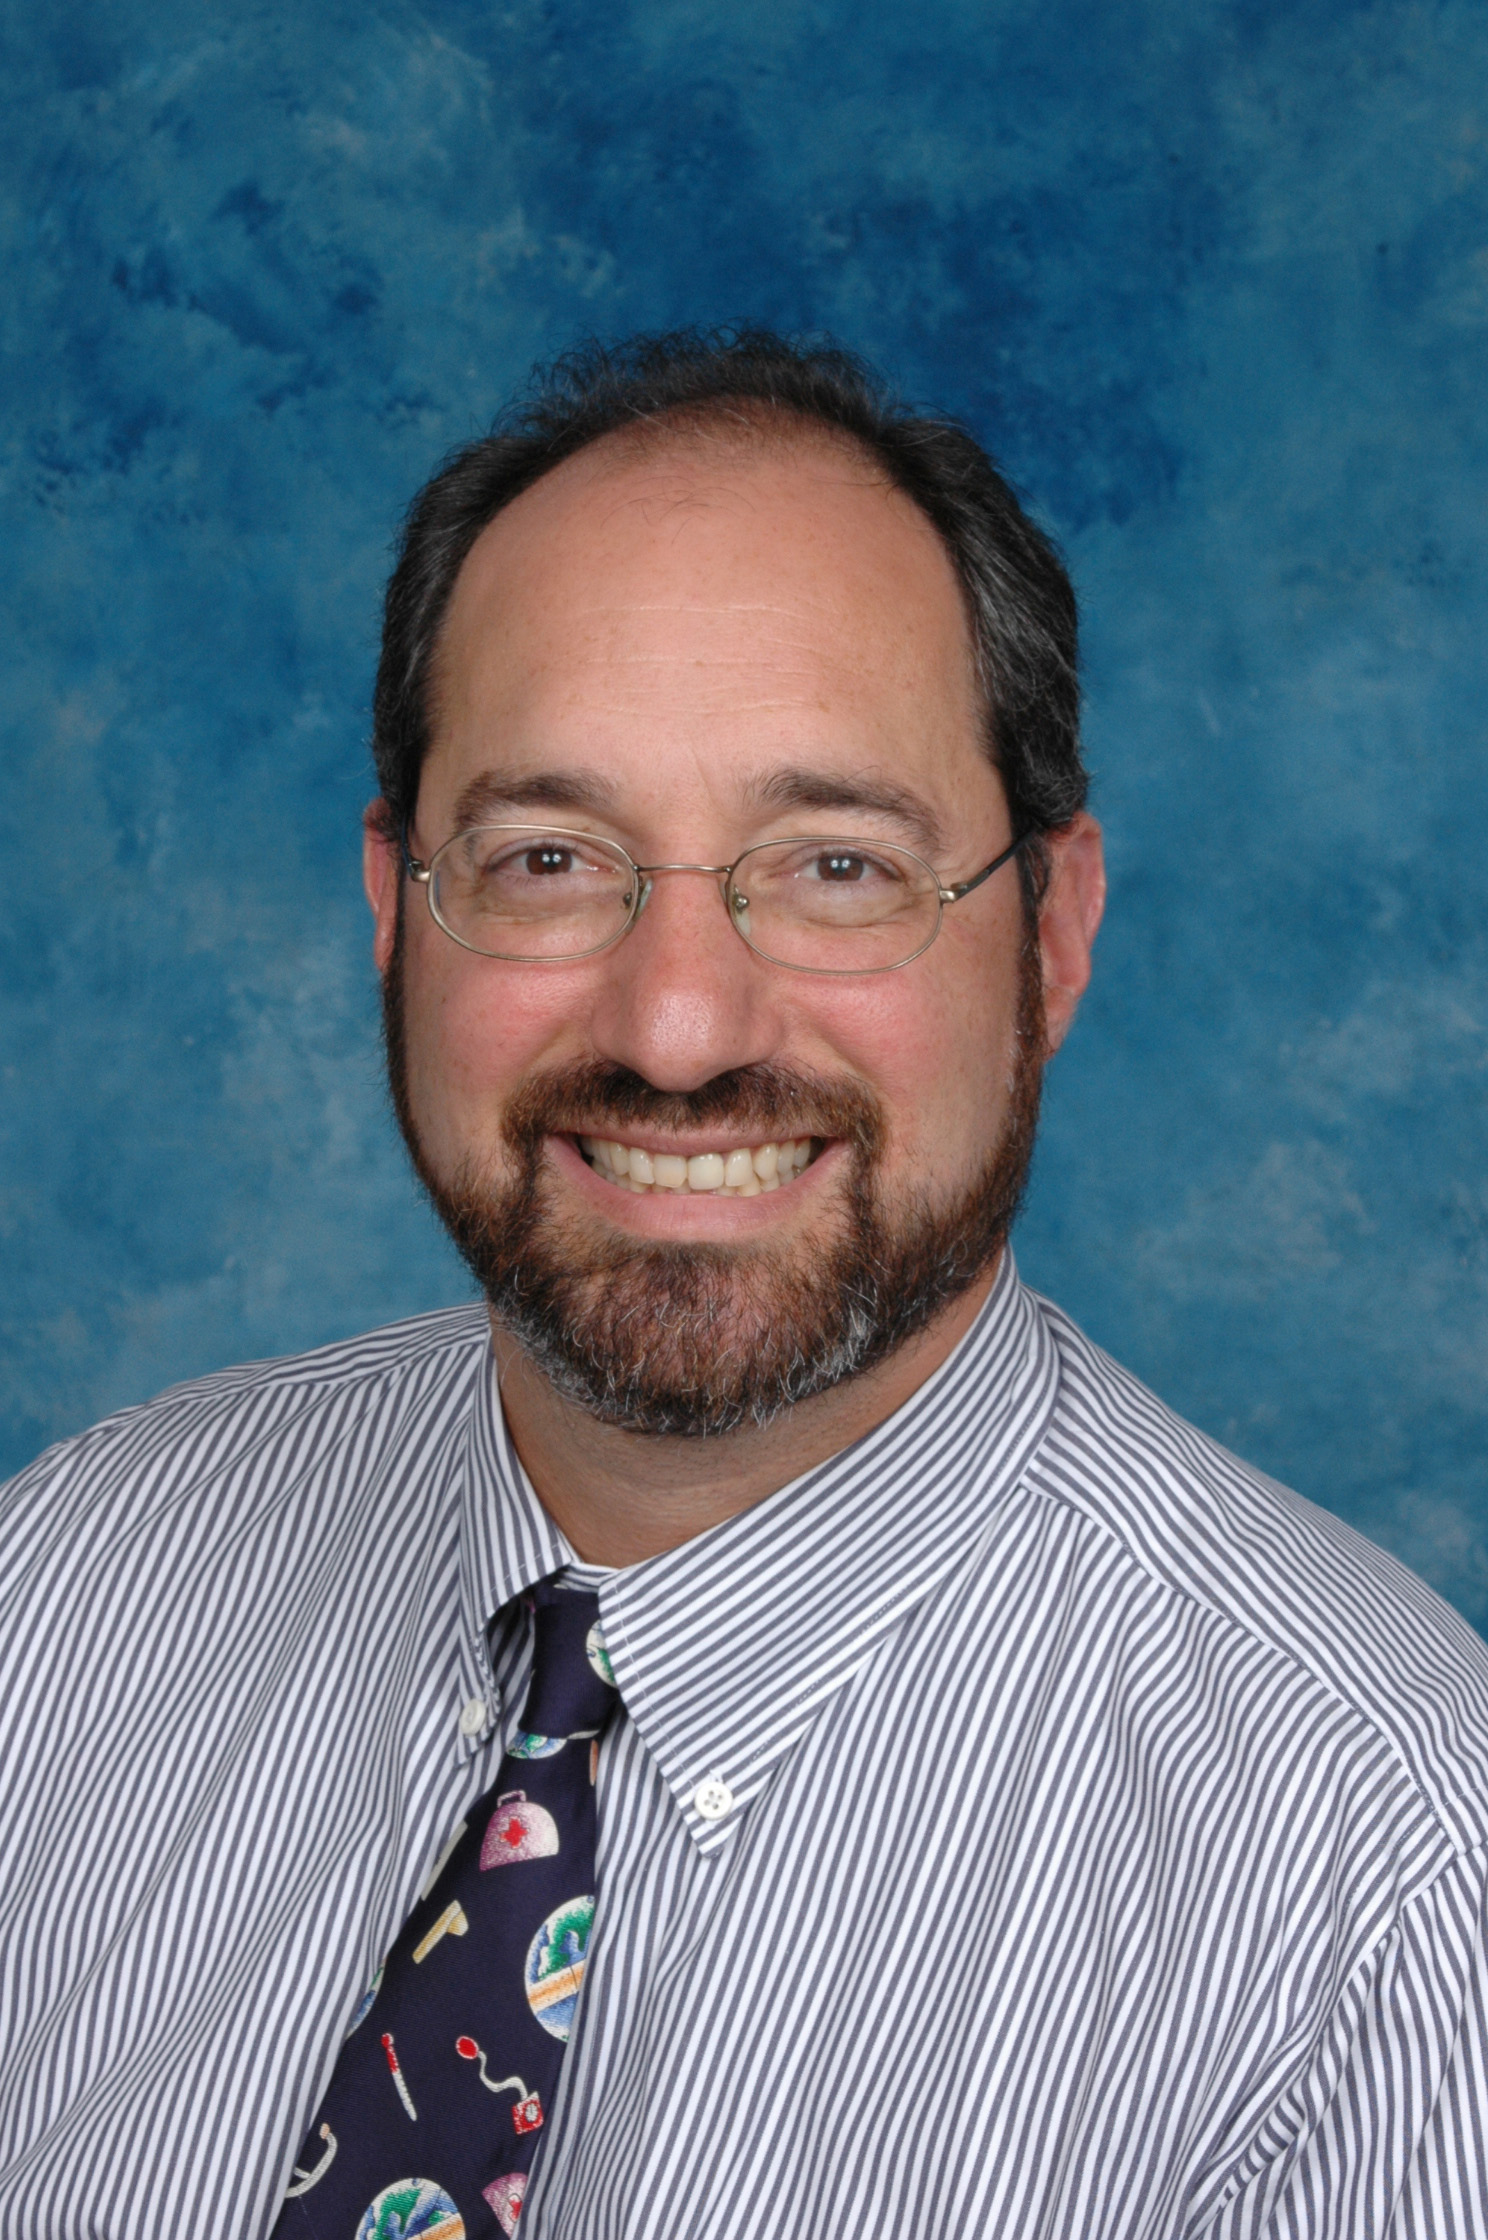 Jeffrey R  Avner, MD, FAAP